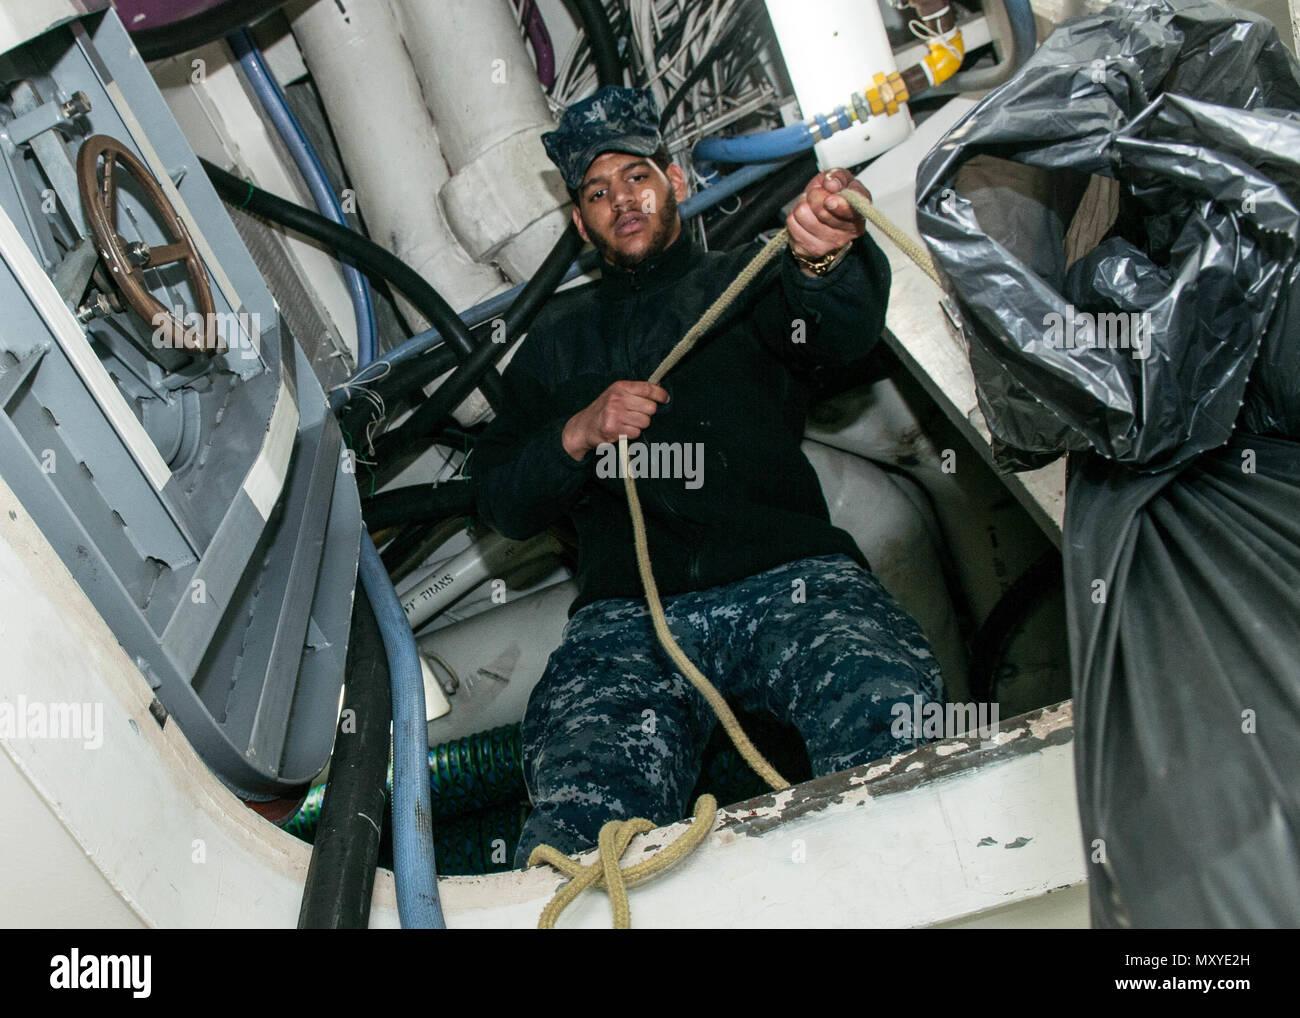 Maritime AWN stagne bordo Borsa marinai Borsa Borsa Da Viaggio Borsa Sportiva Navy